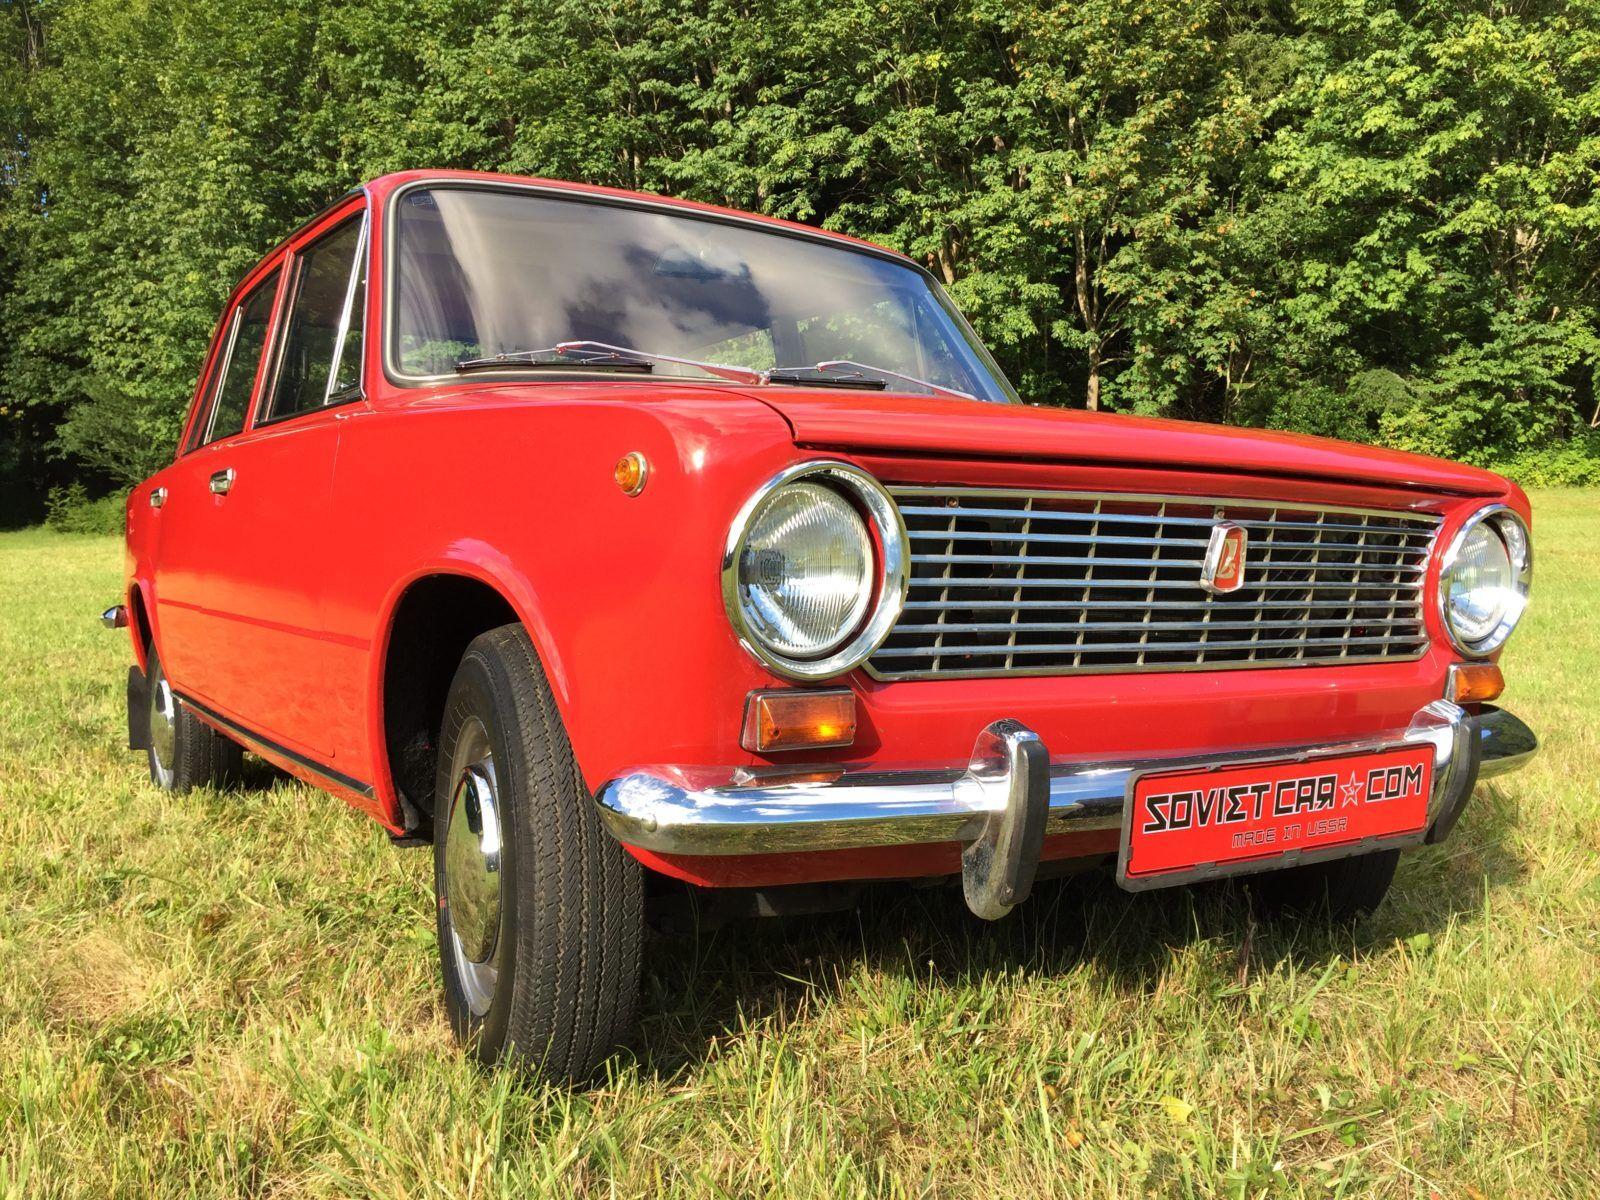 Советские авто в США